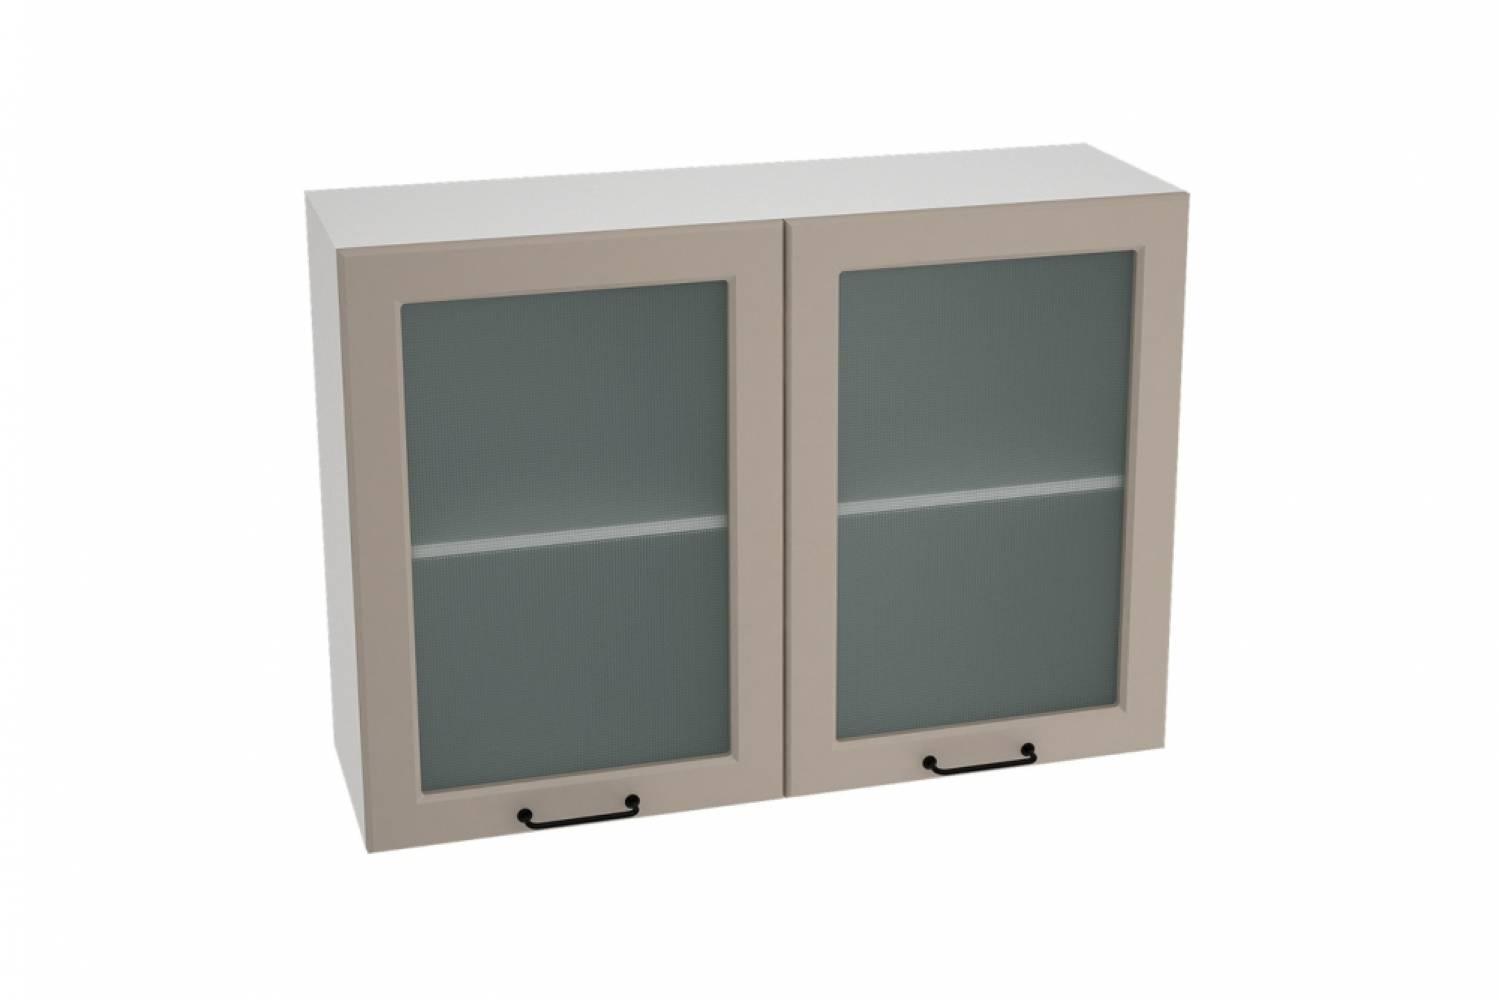 Шкаф верхний со стеклом ШВС 1000 НИЦЦА ROYAL (OMNIA) 1000 мм